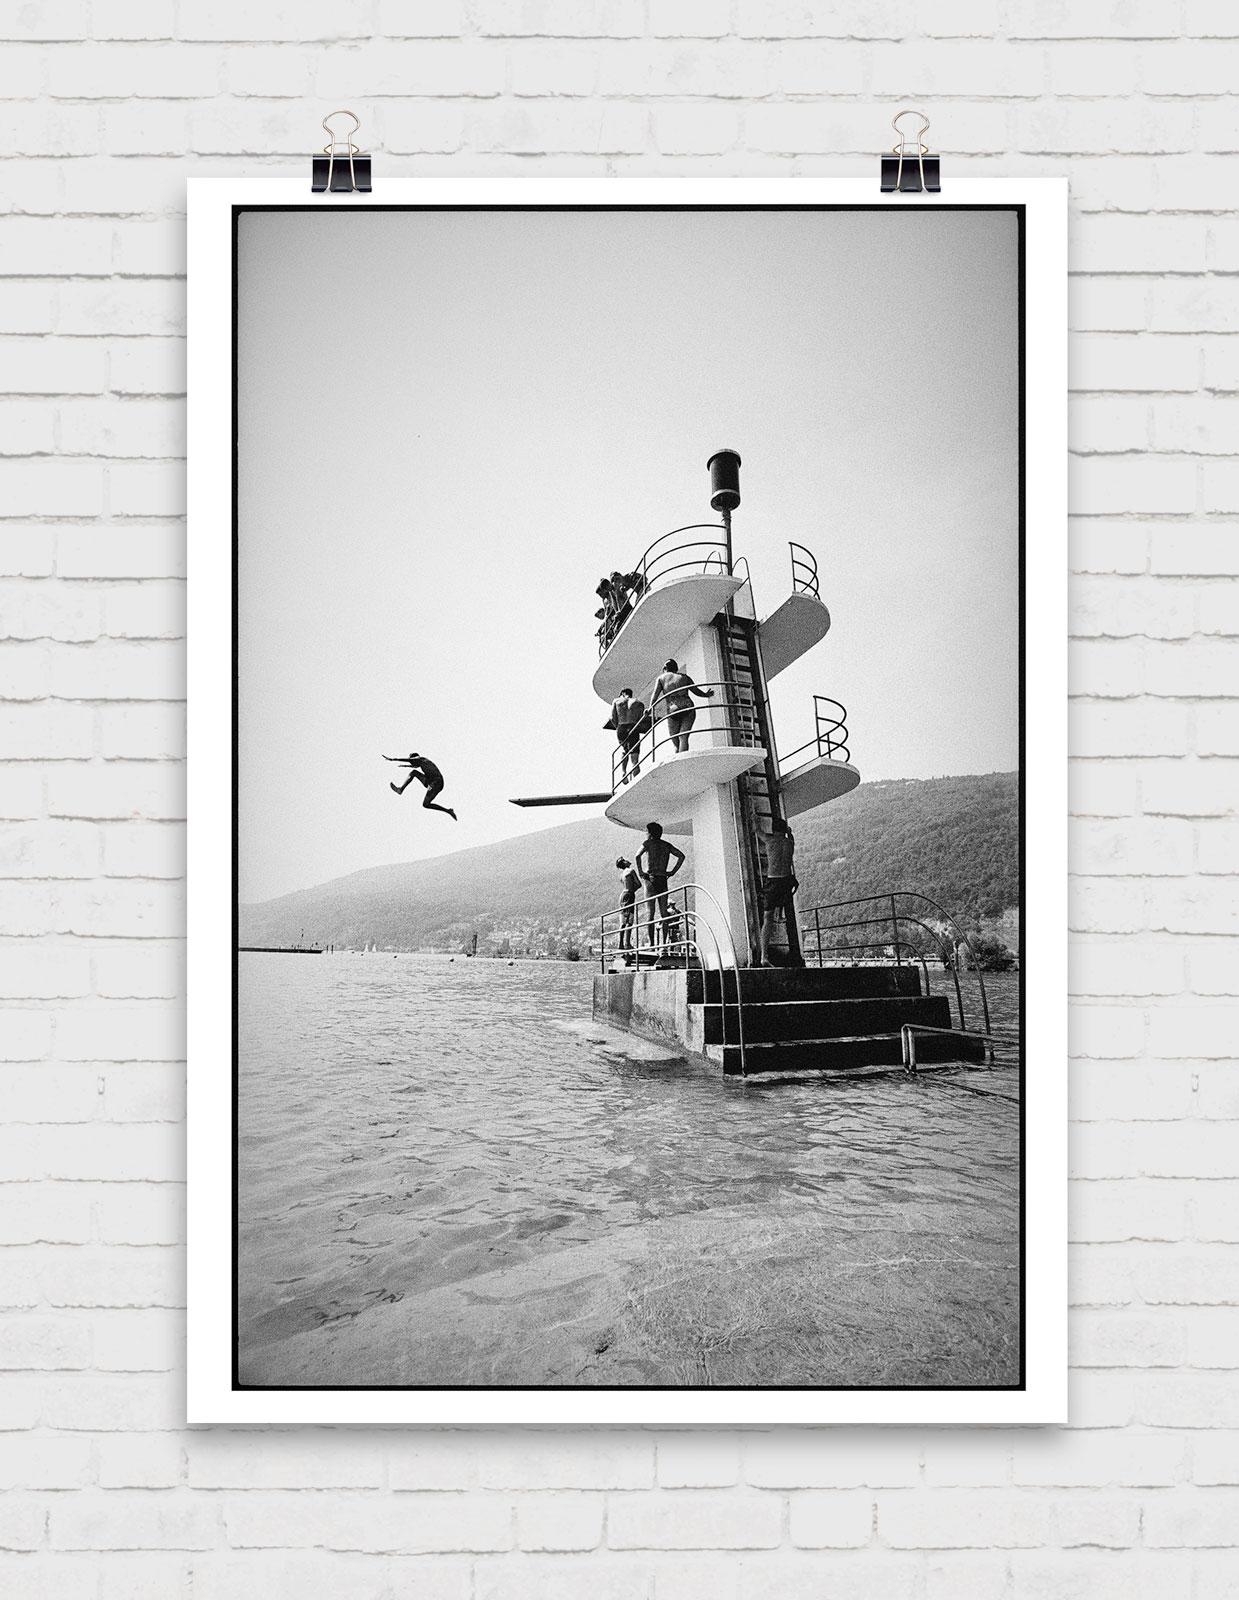 Sprungturm Bieler Strandbad